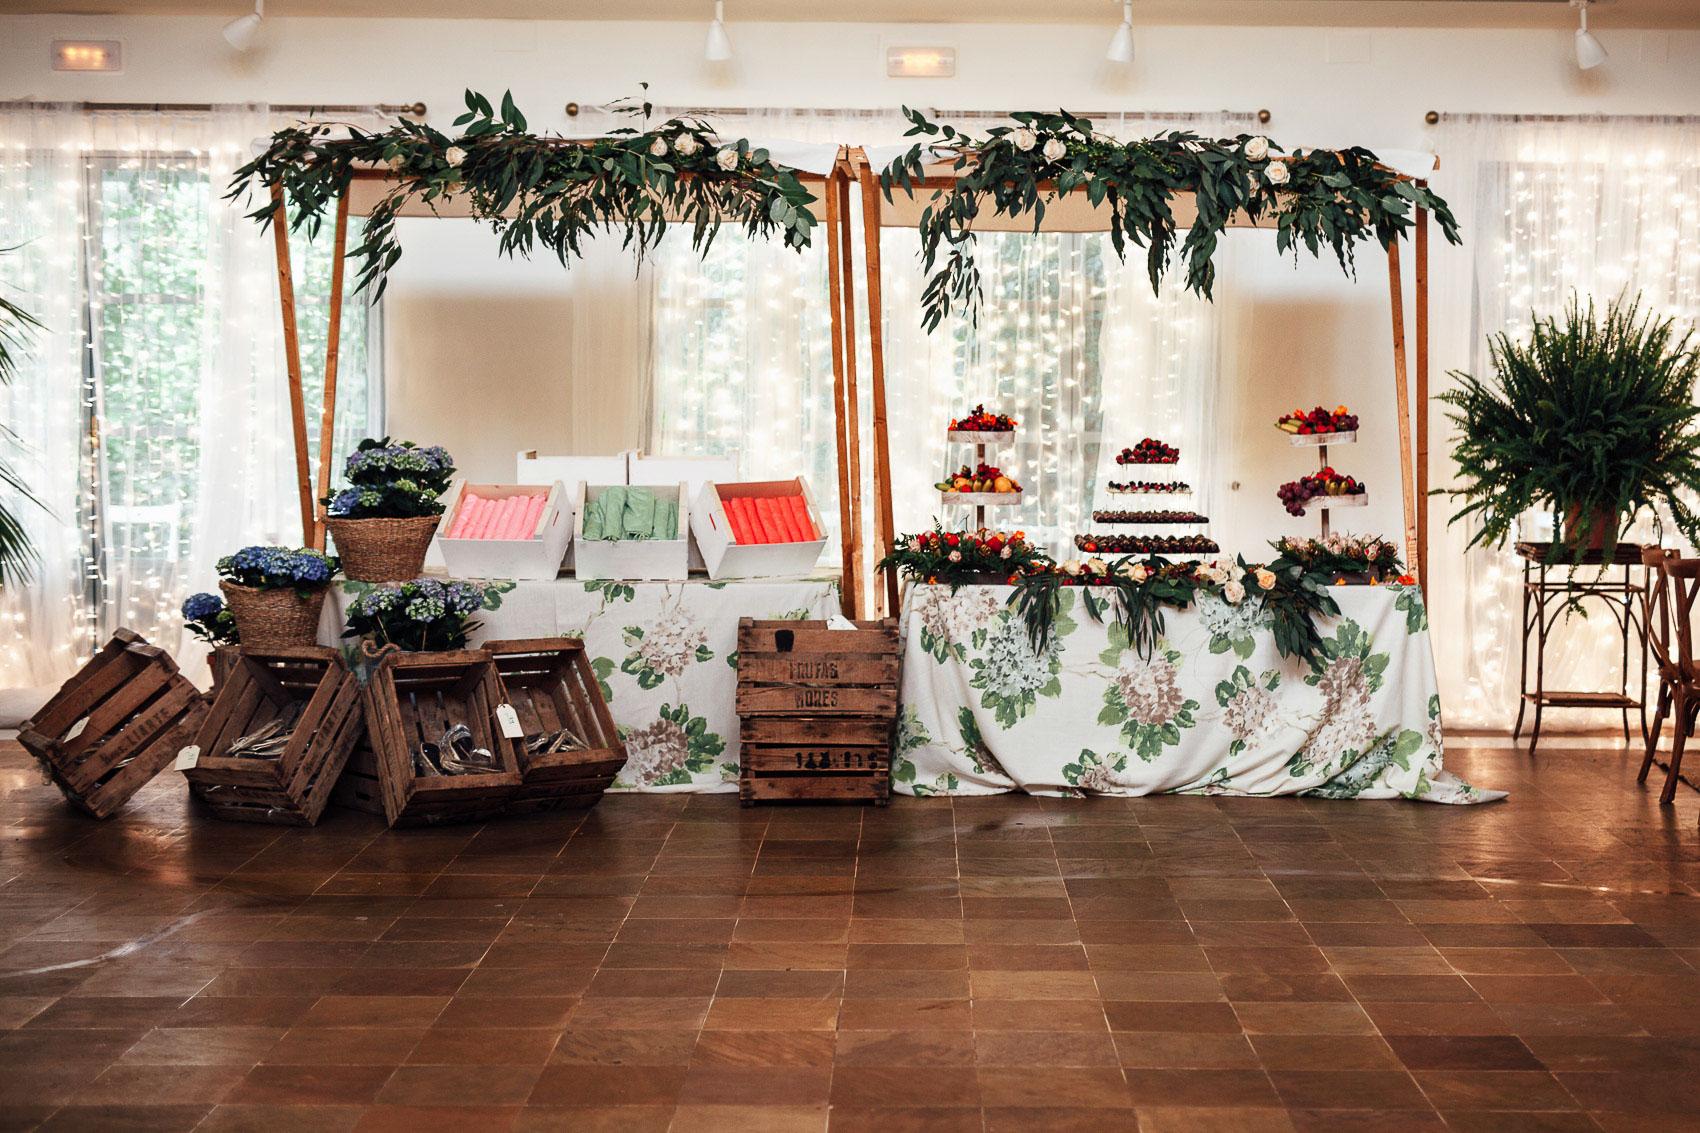 decoracion valisse puestos comida flores